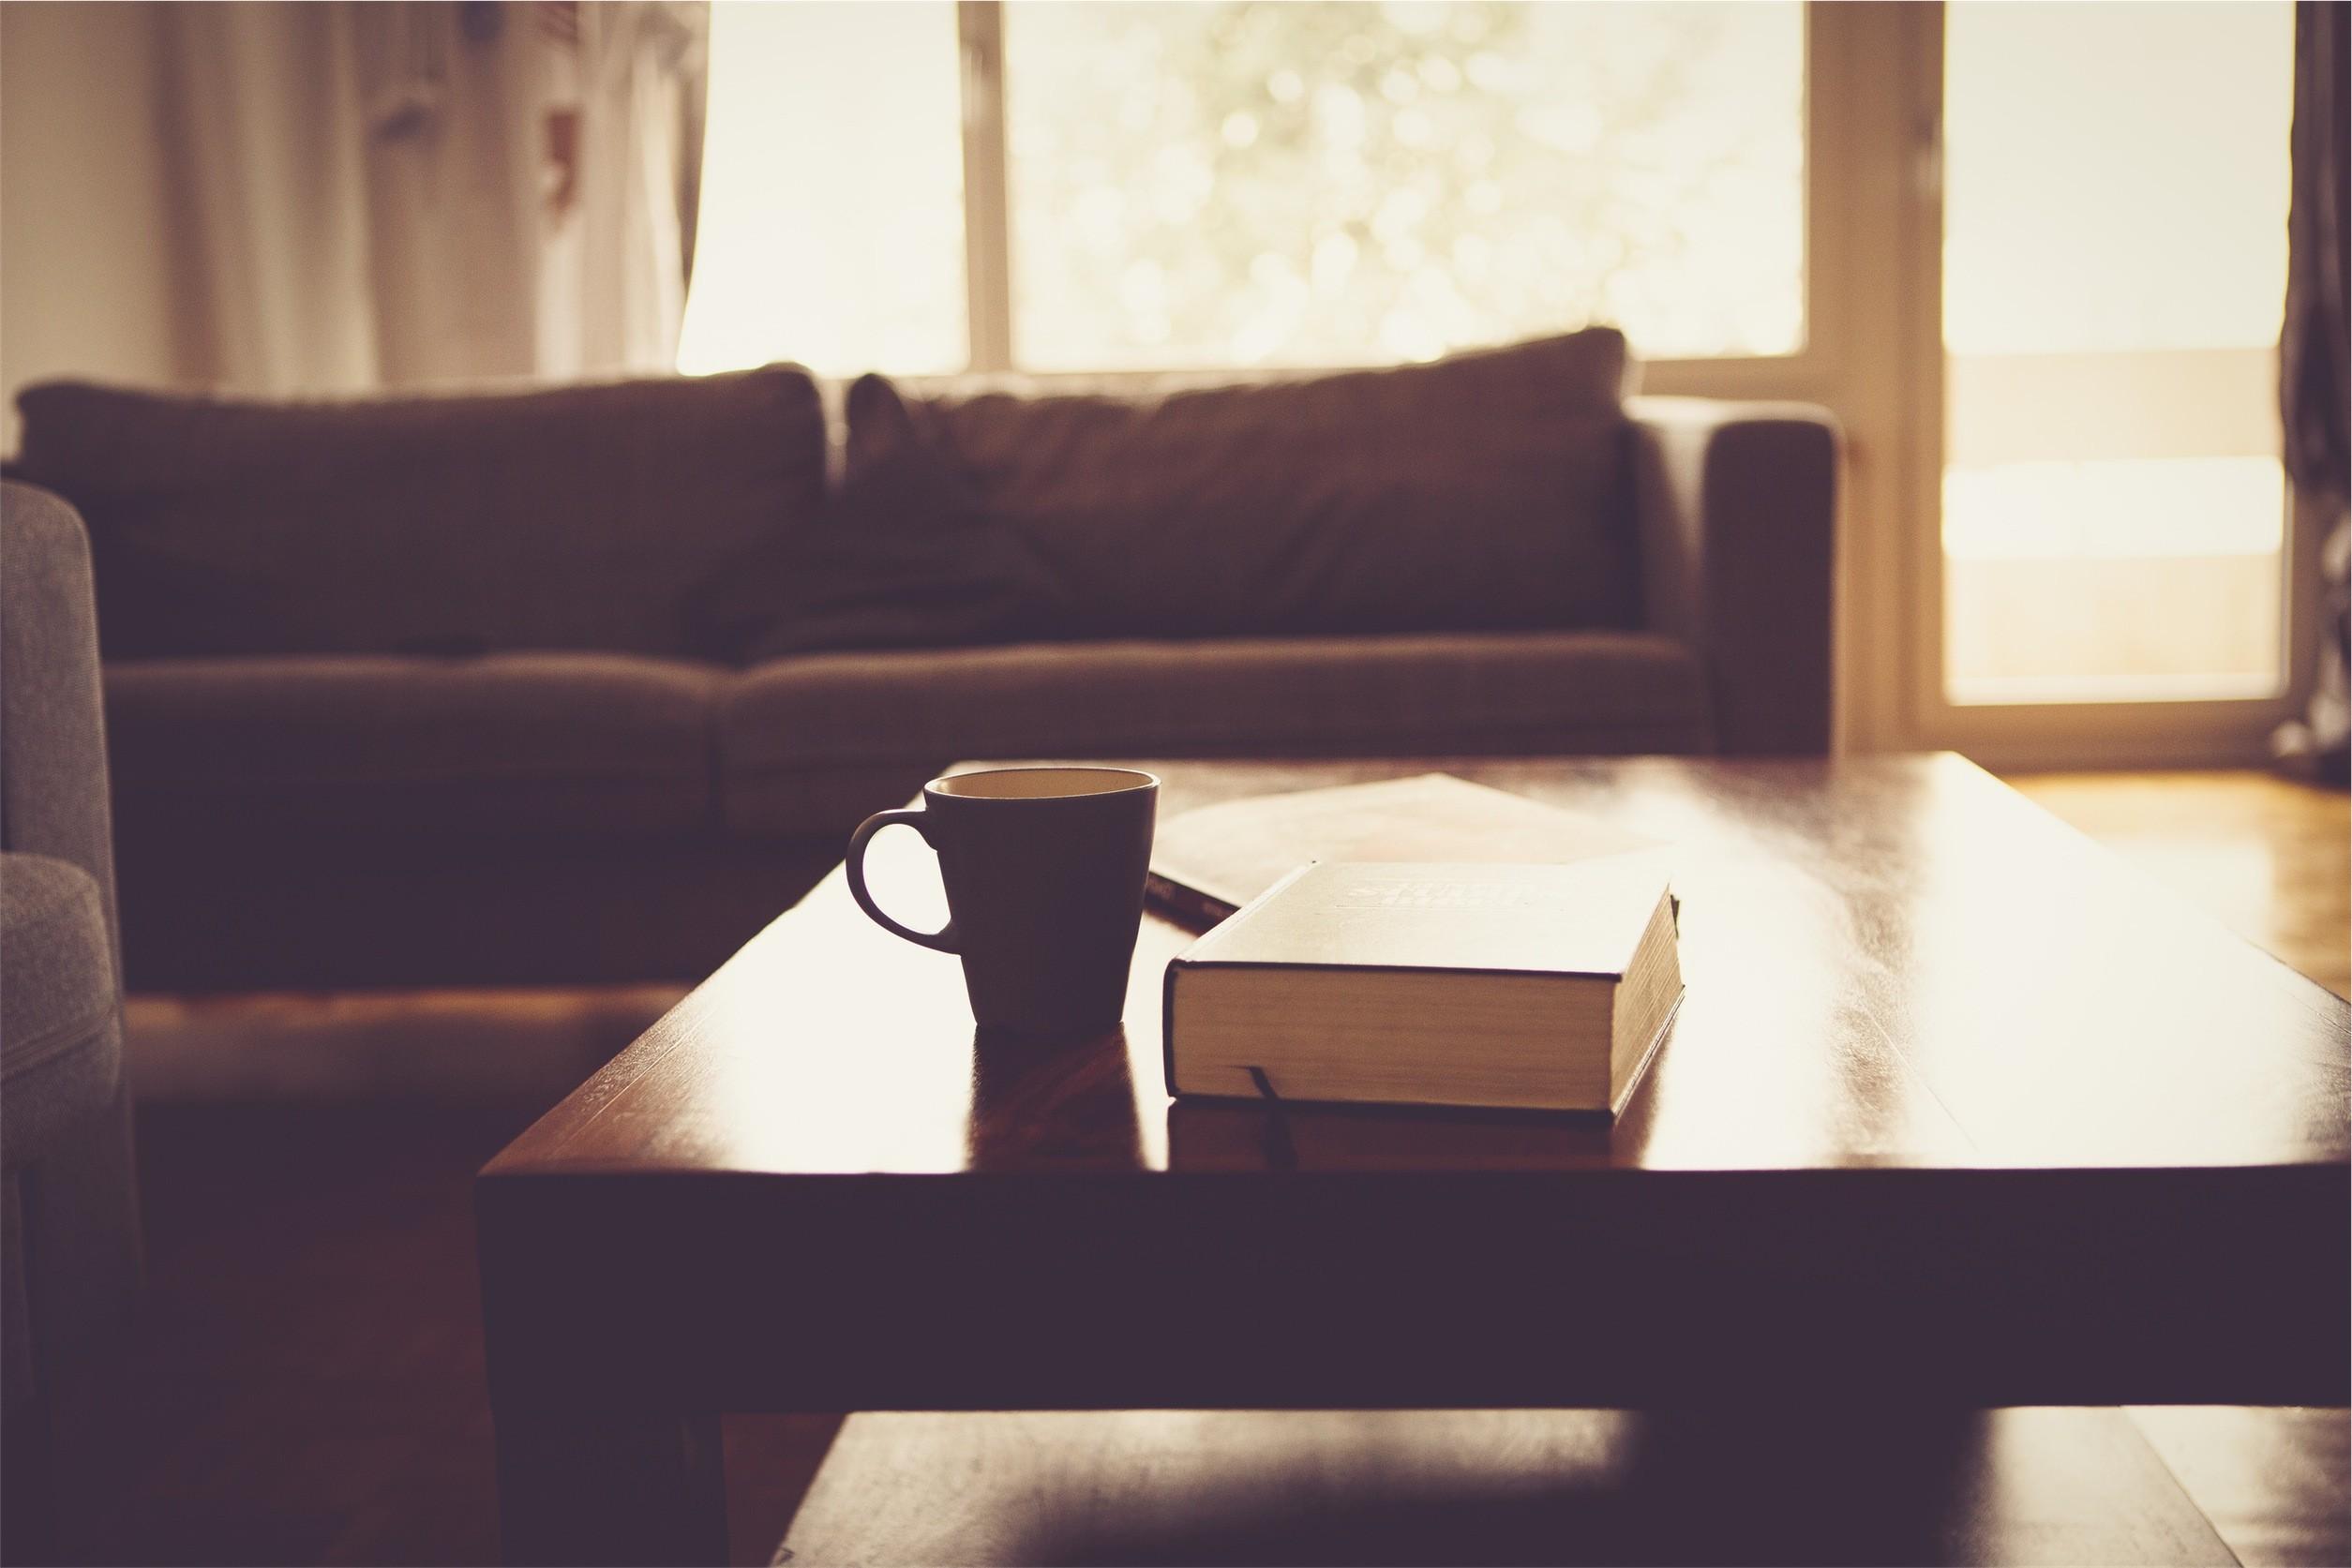 Innenarchitektur Bücher hintergrundbilder weiß schwarz zimmer mauer tabelle holz